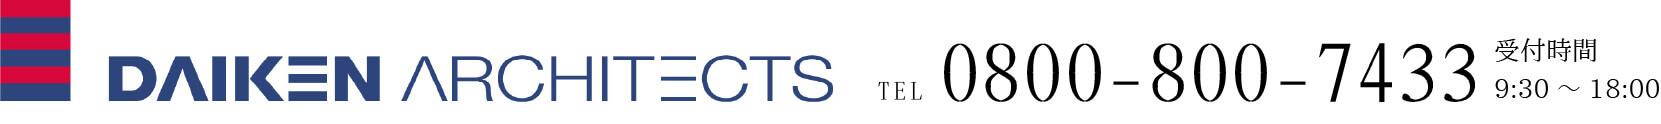 ダイケンアーキテクツ 一級建築士事務所  TEL.0800-800-7433 受付時間/9:30〜18:00